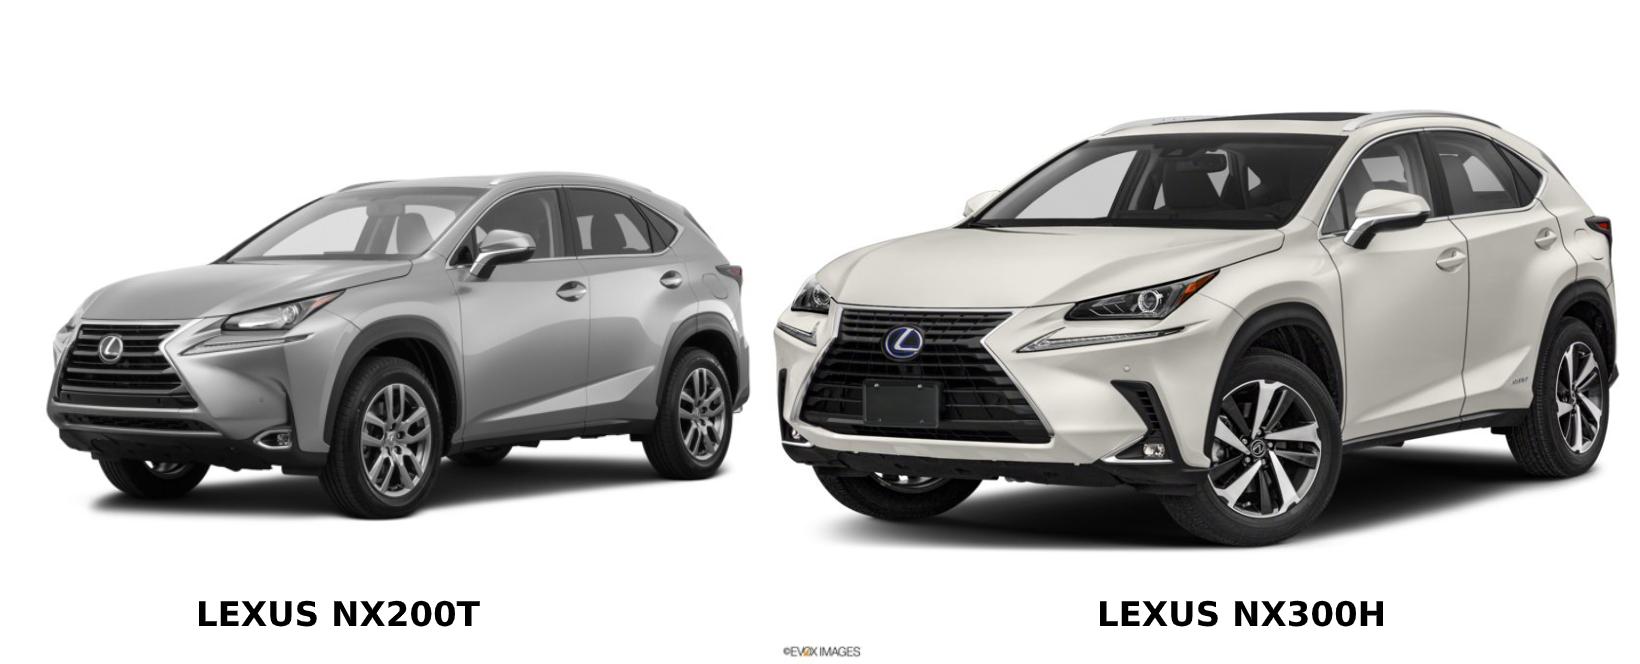 So sánh Lexus NX200t và Lexus NX300h: bản nâng cấp đổi tên có gì khác biệt